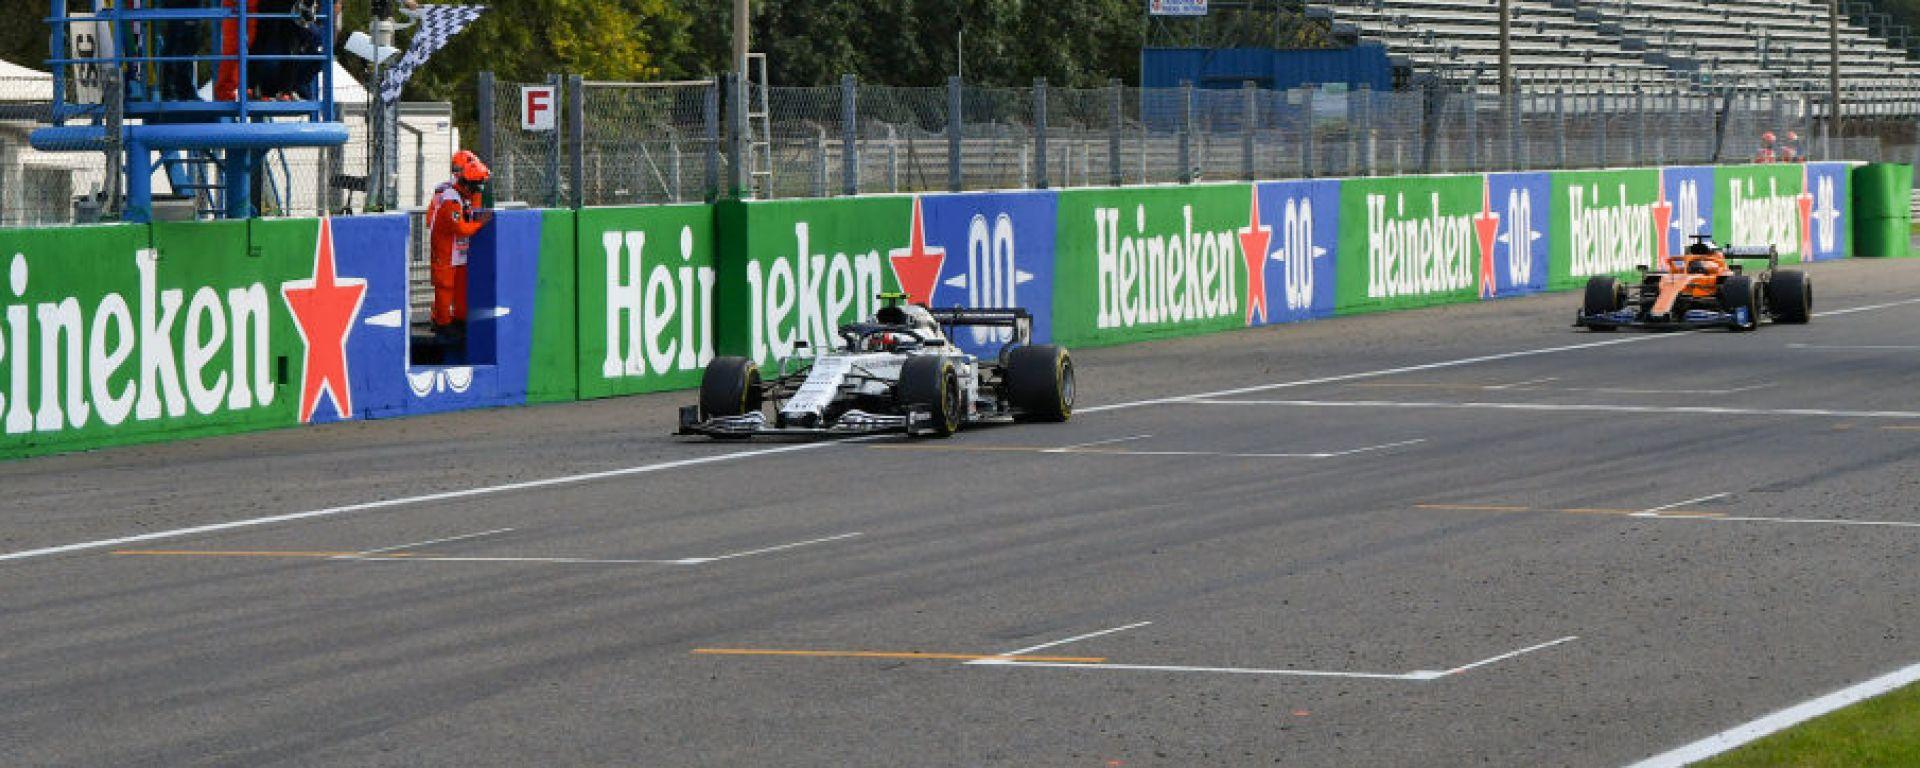 F1 GP Italia 2020, Monza: l'arrivo della gara con Gasly (Williams) trionfante davanti a Sainz (McLaren)